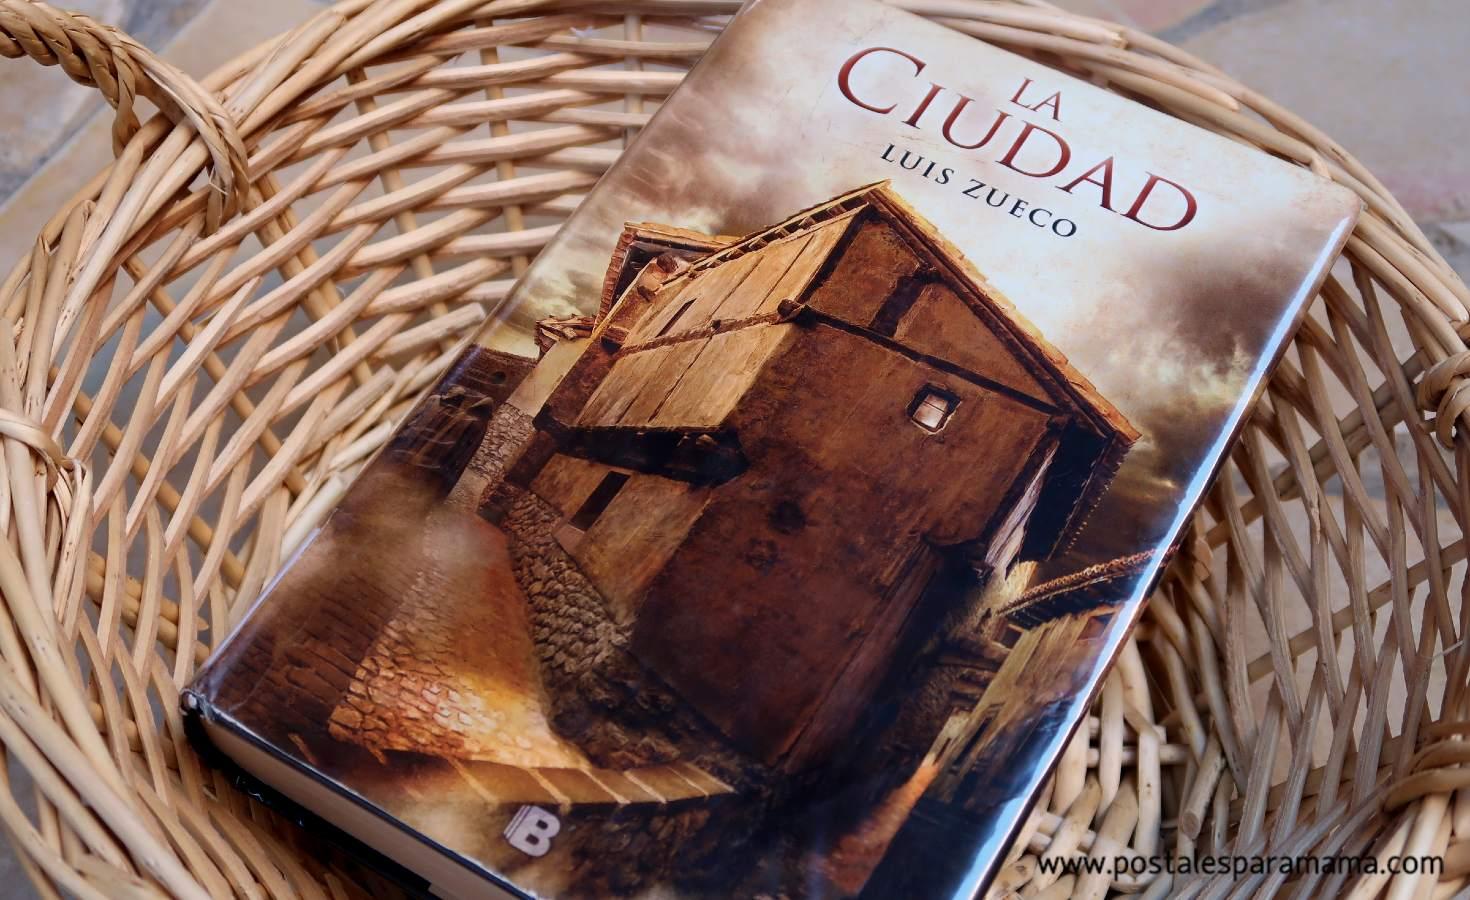 Albarracín Libro Ciudad - Postales para Mamá